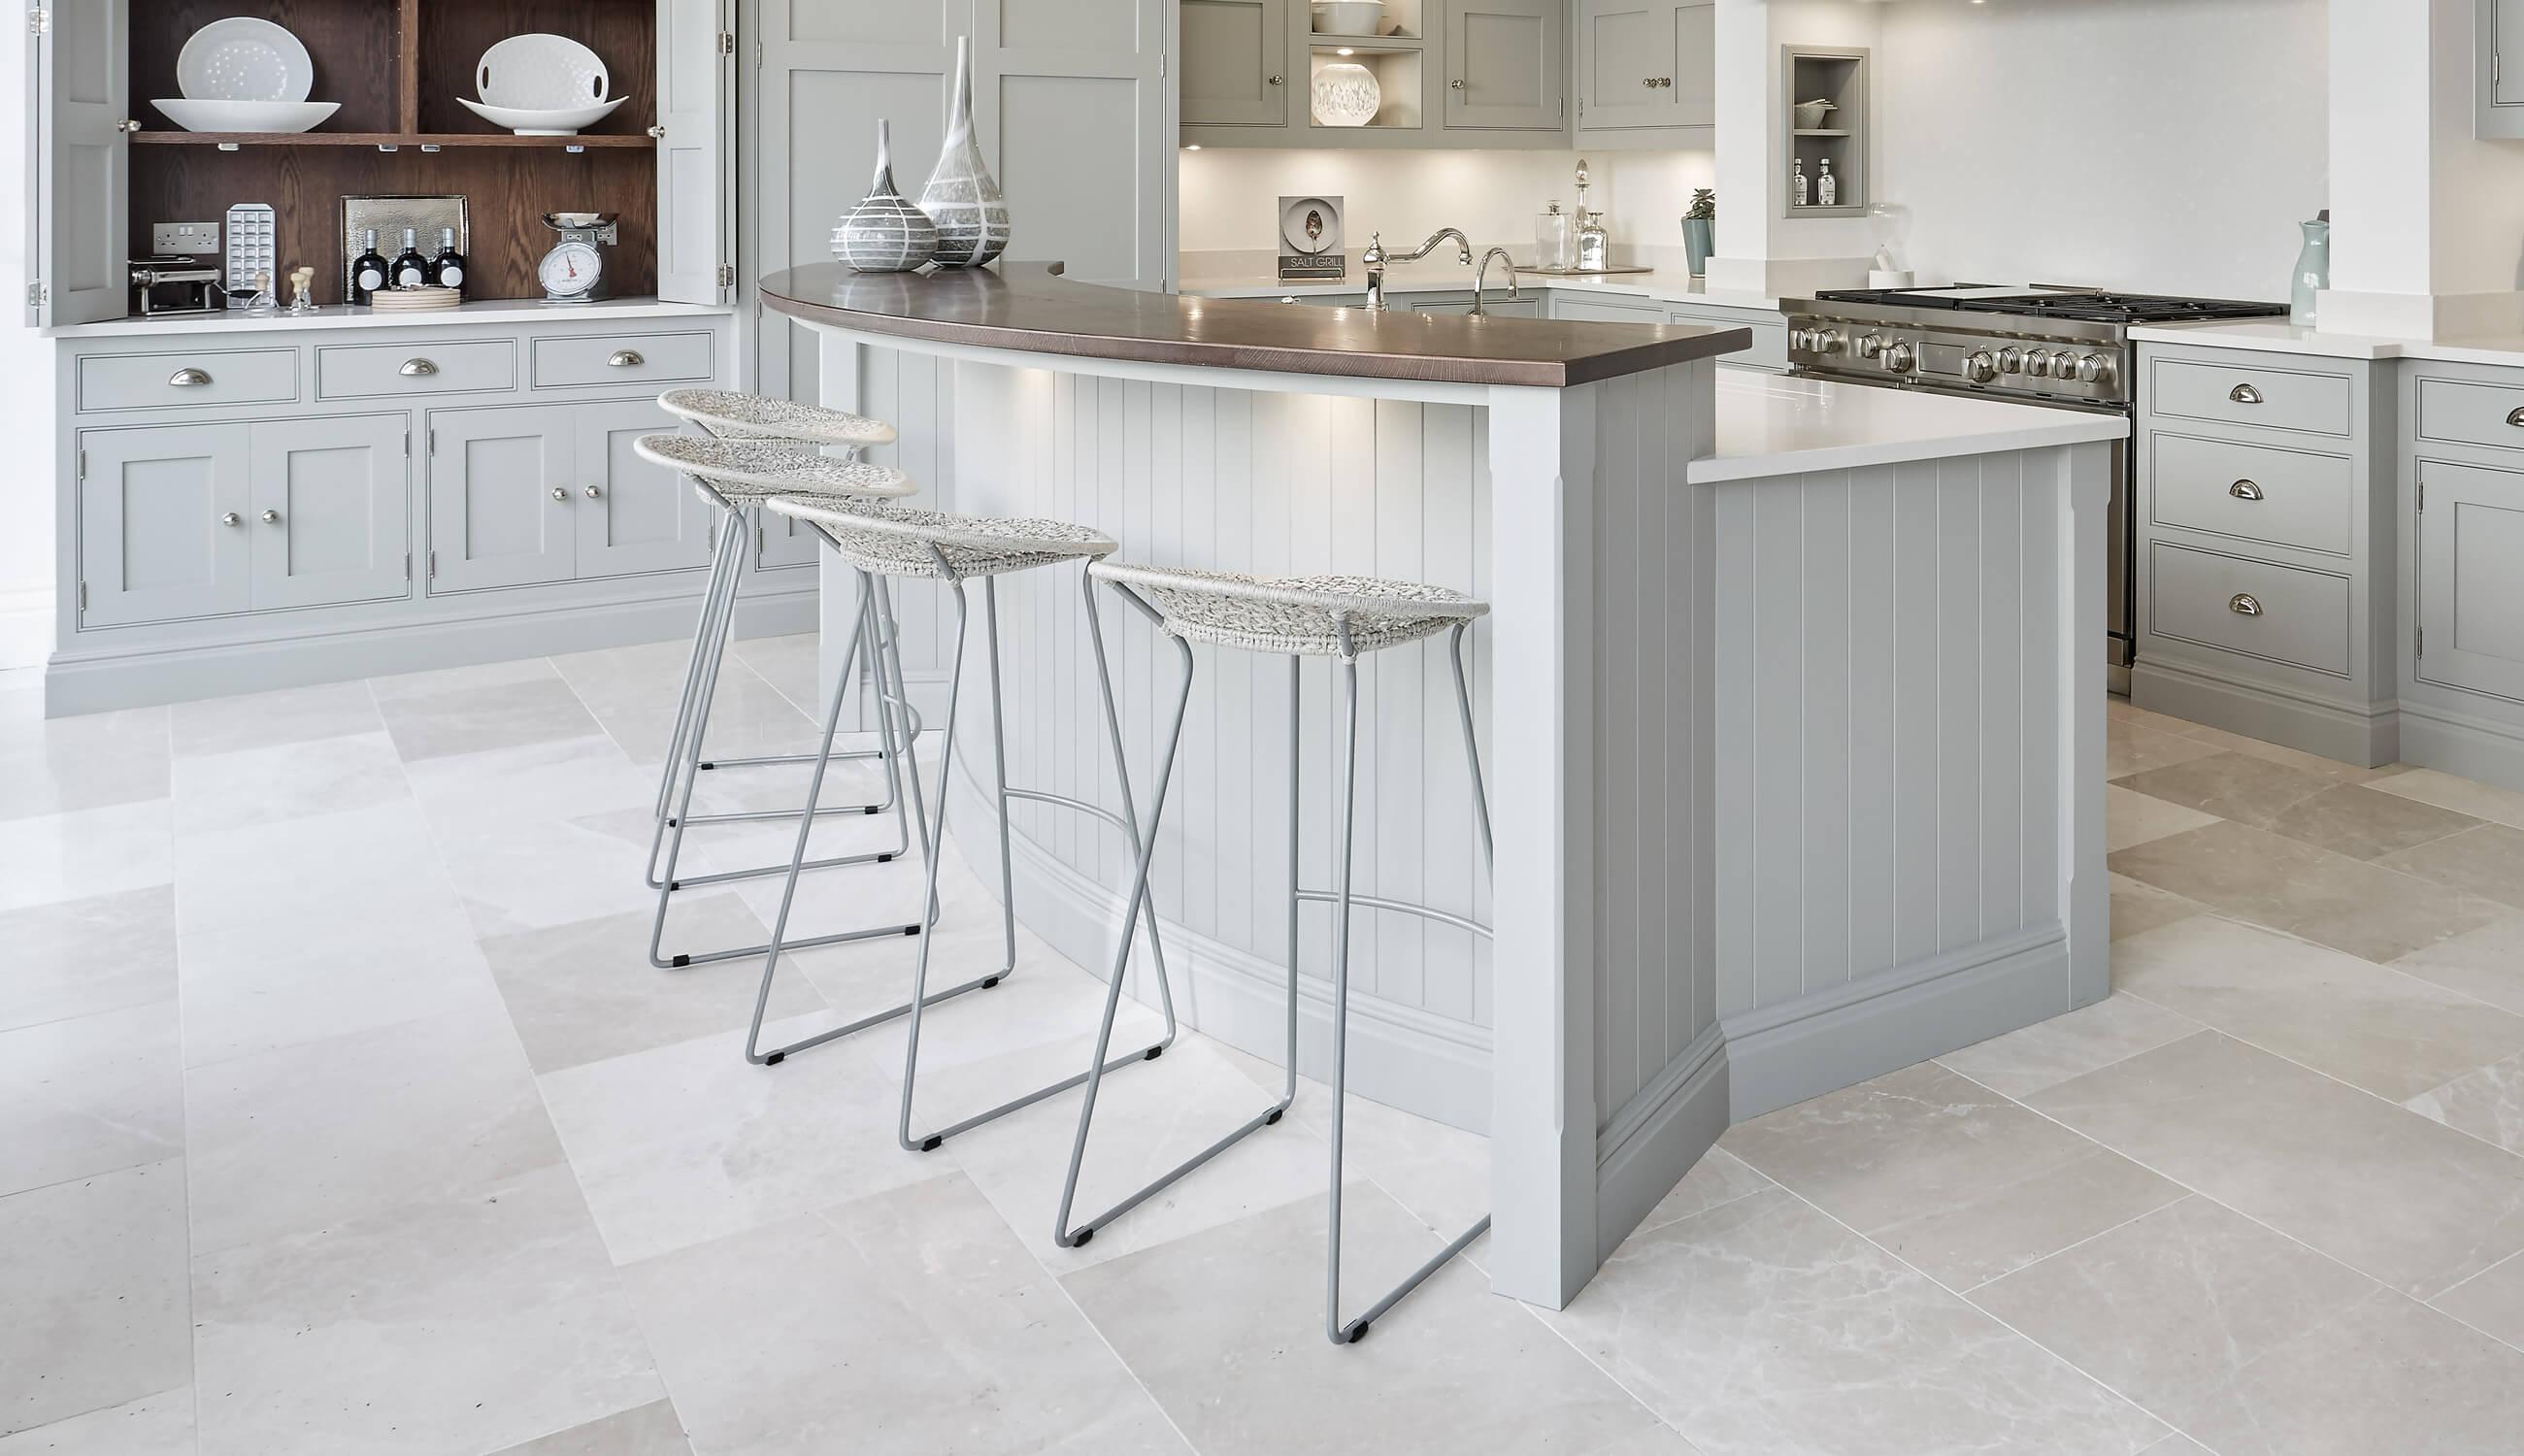 Statement kitchen bar stools